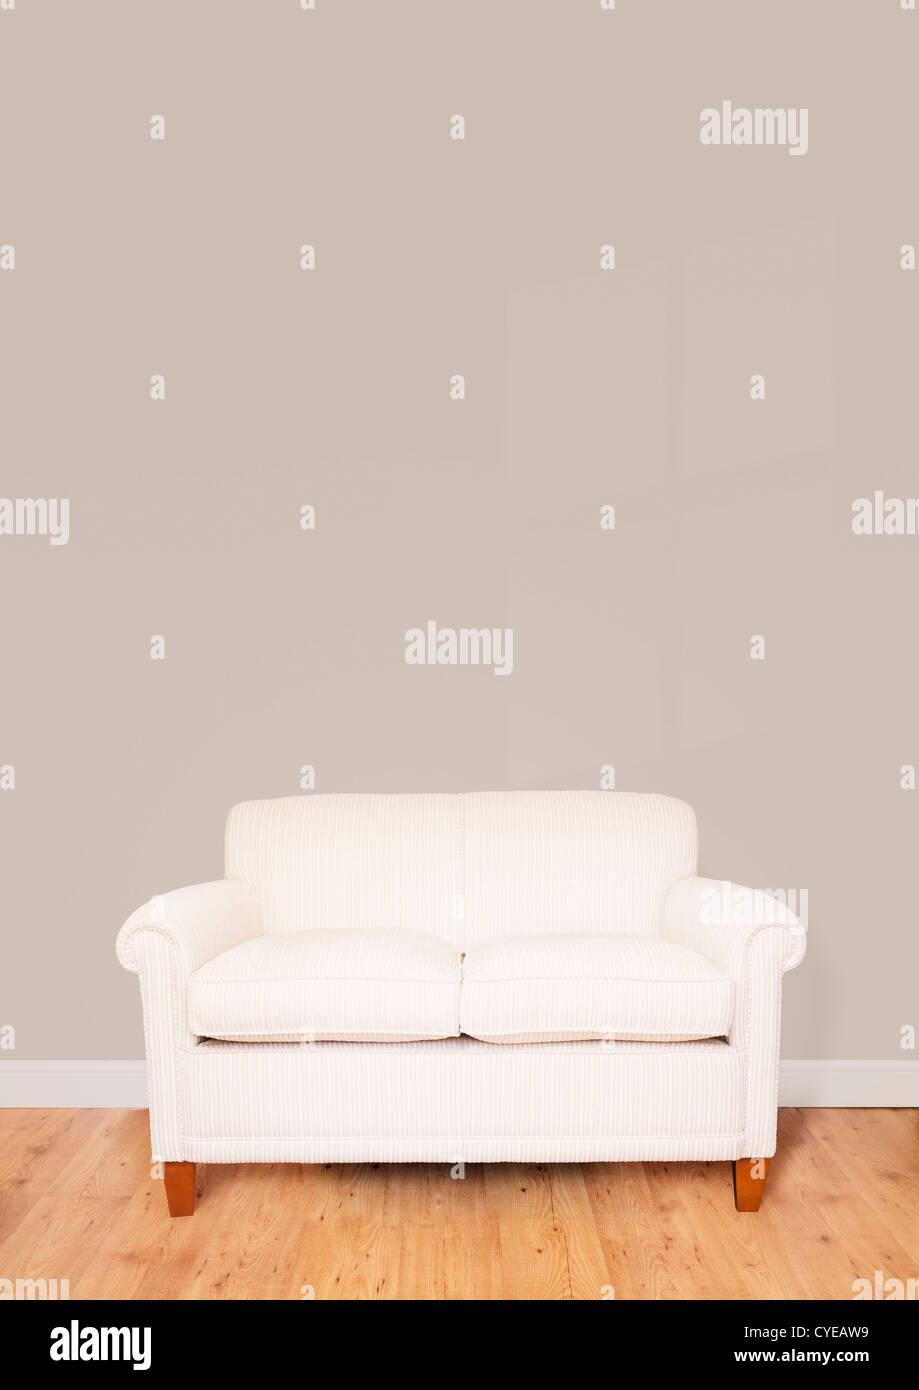 Canapé moderne crème contre un mur vide avec beaucoup d'espace pour le texte Photo Stock